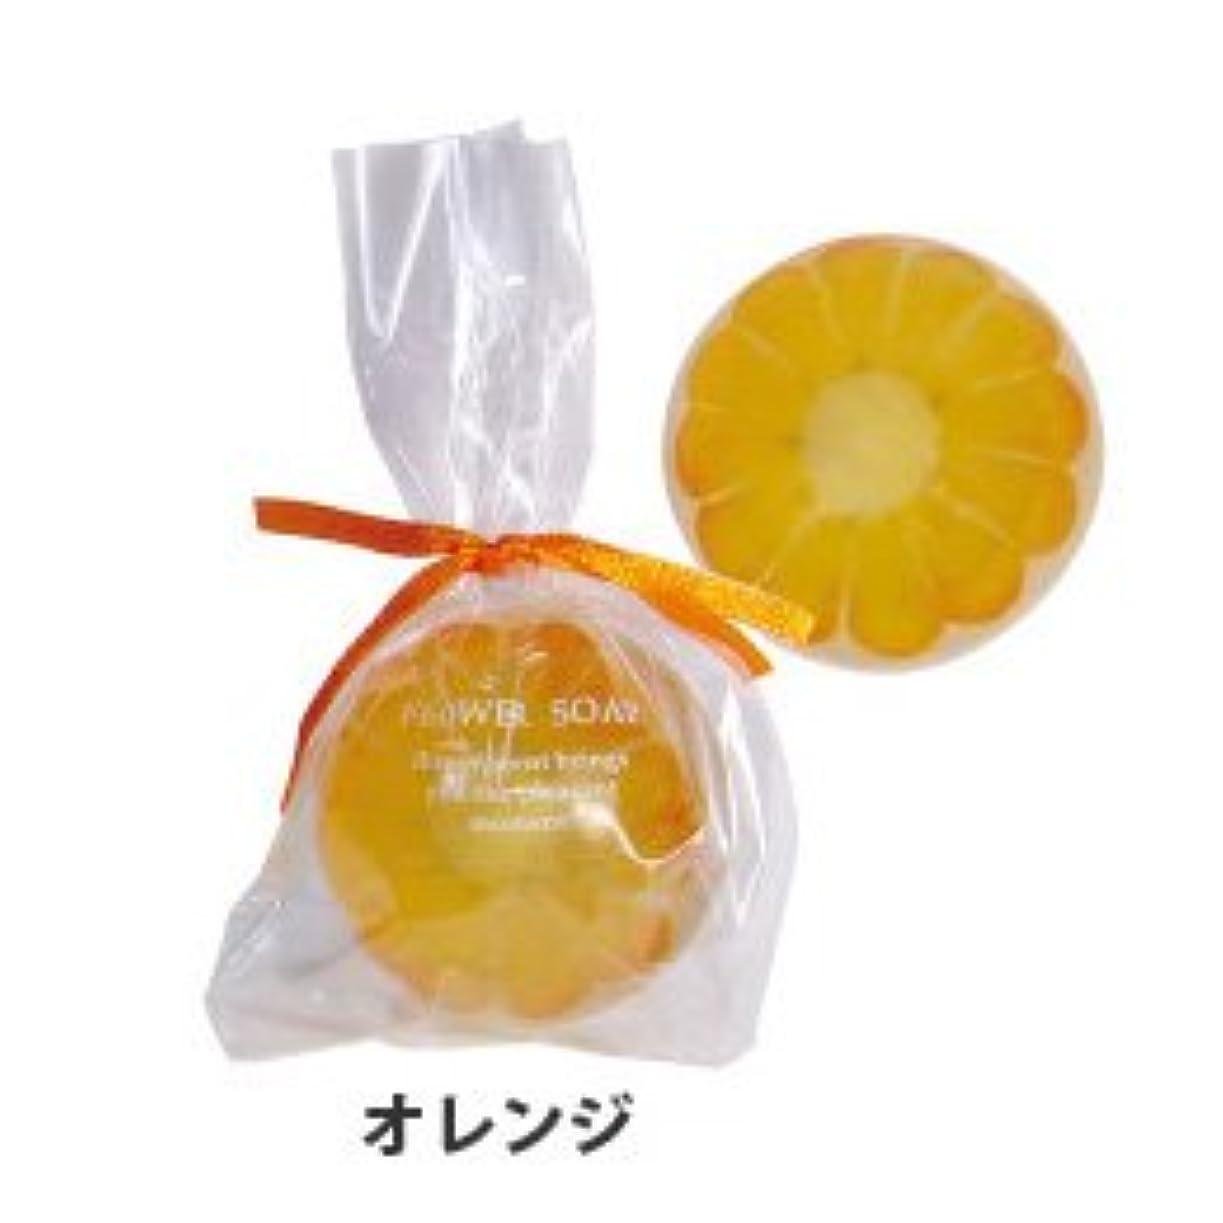 海外レパートリー変えるベジタブルソープ フラワー オレンジ OBBJF01